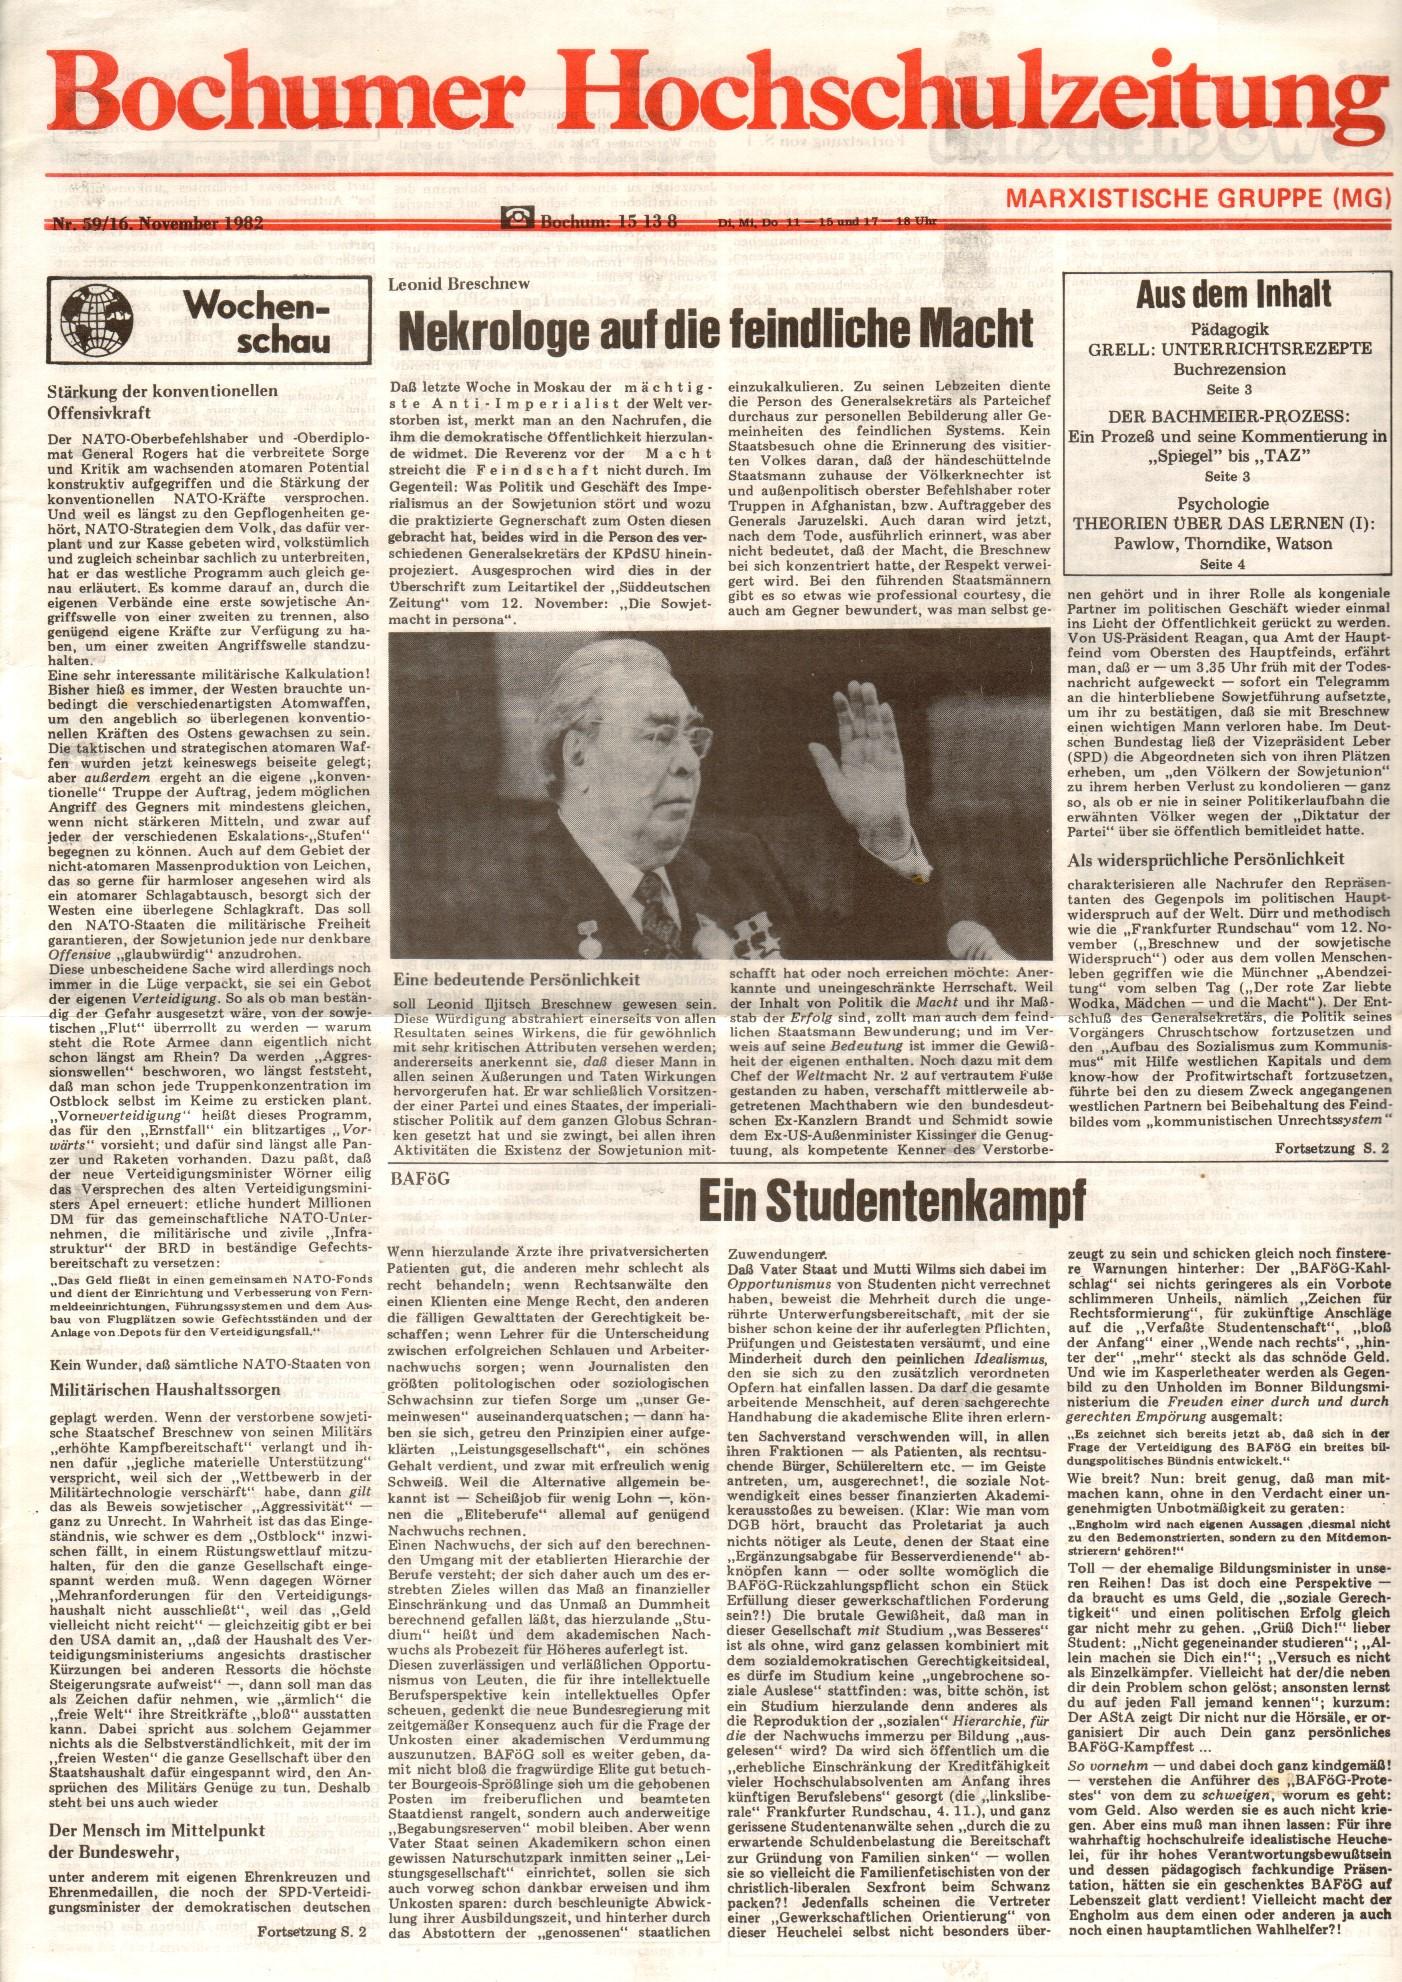 MG_Bochumer_Hochschulzeitung_19821116_01